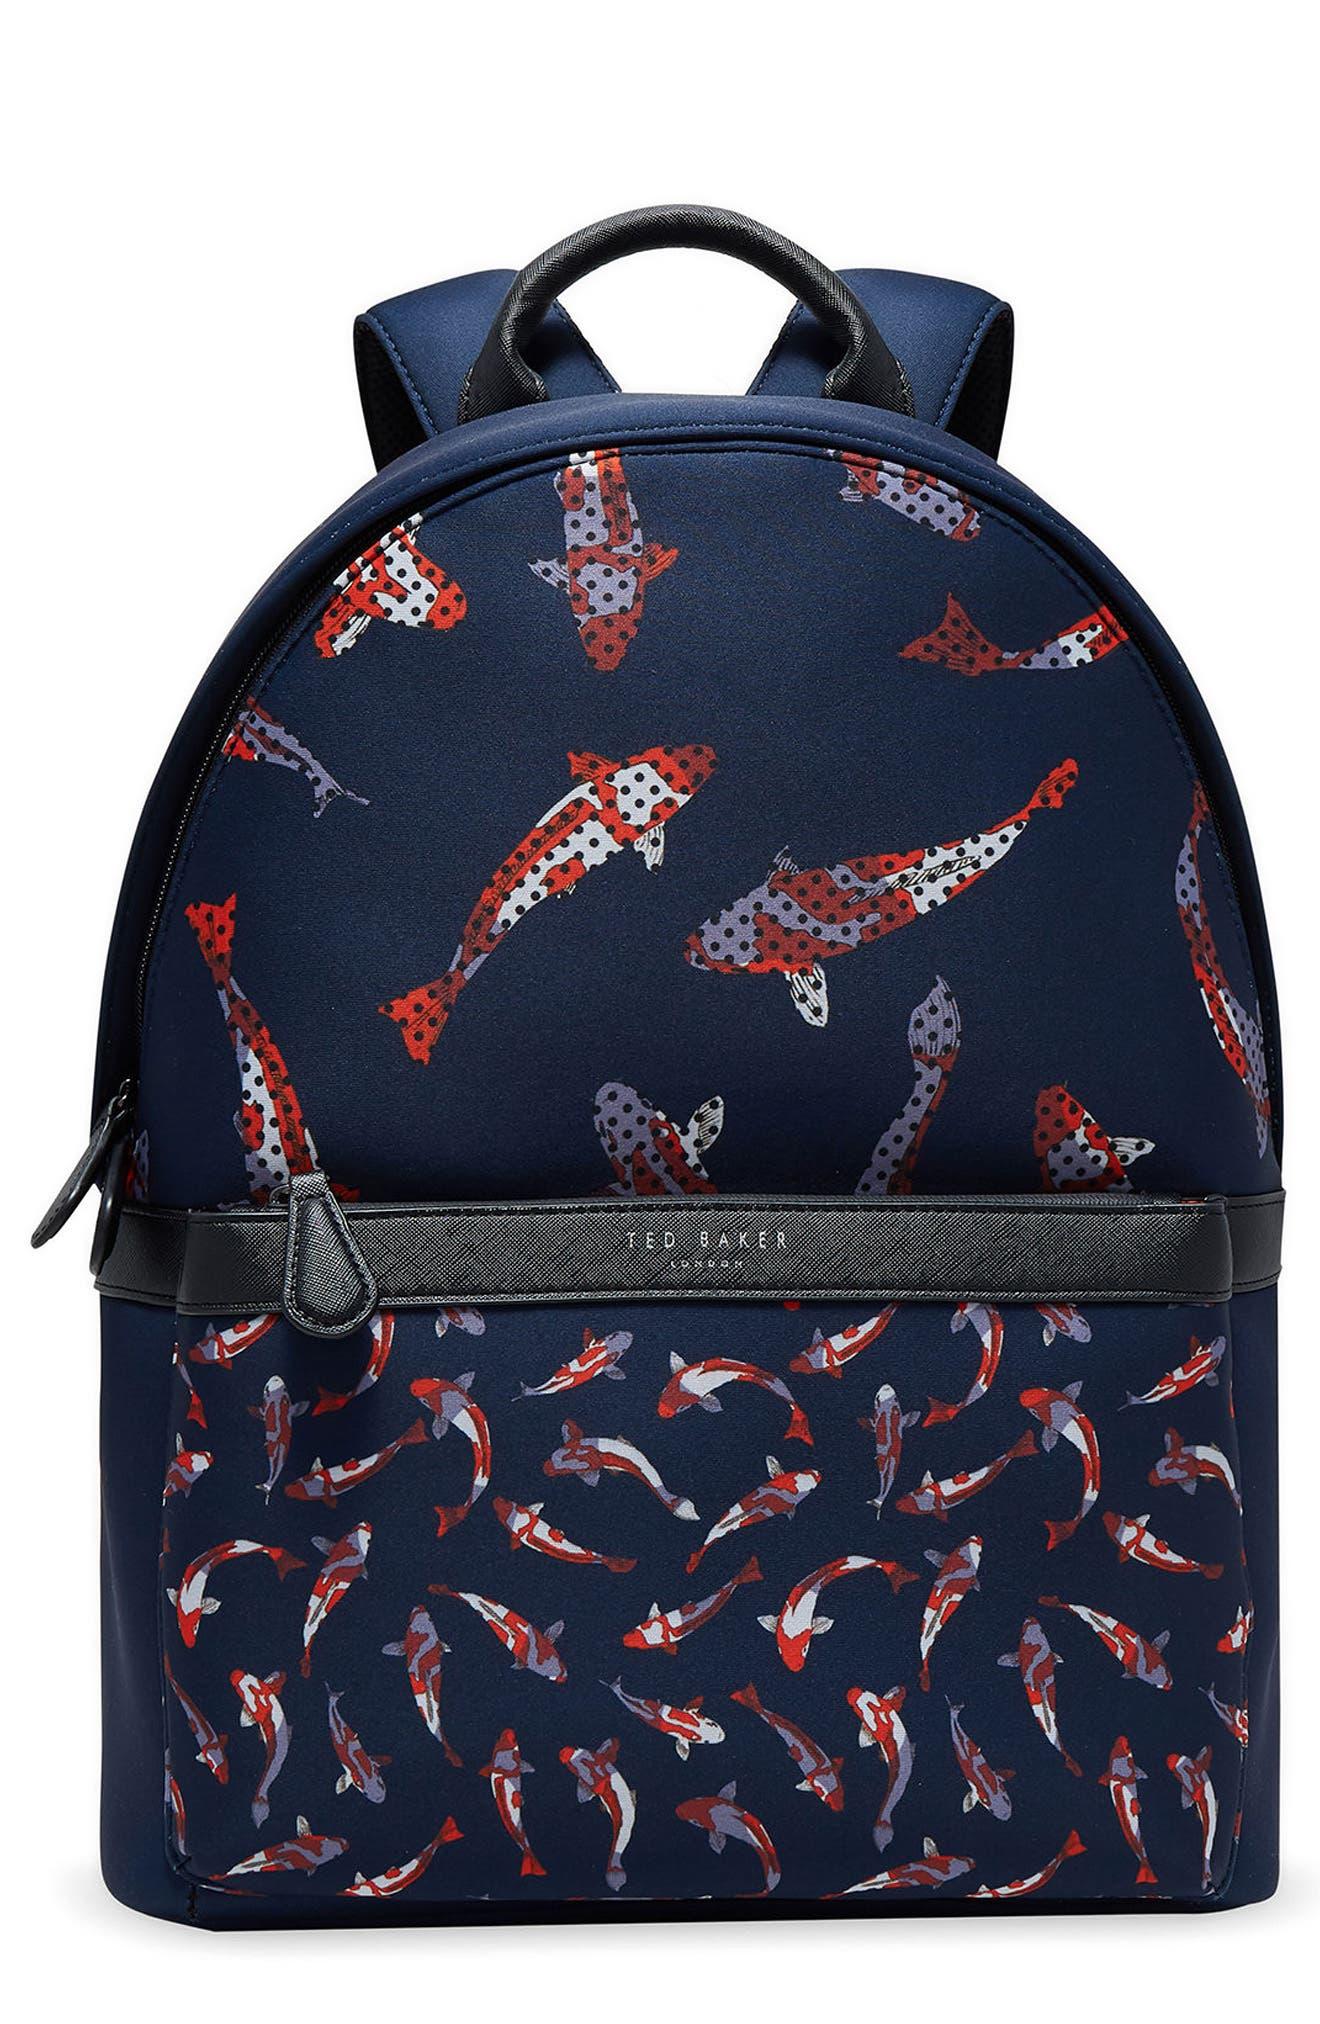 Printed Neoprene Backpack,                         Main,                         color, Navy